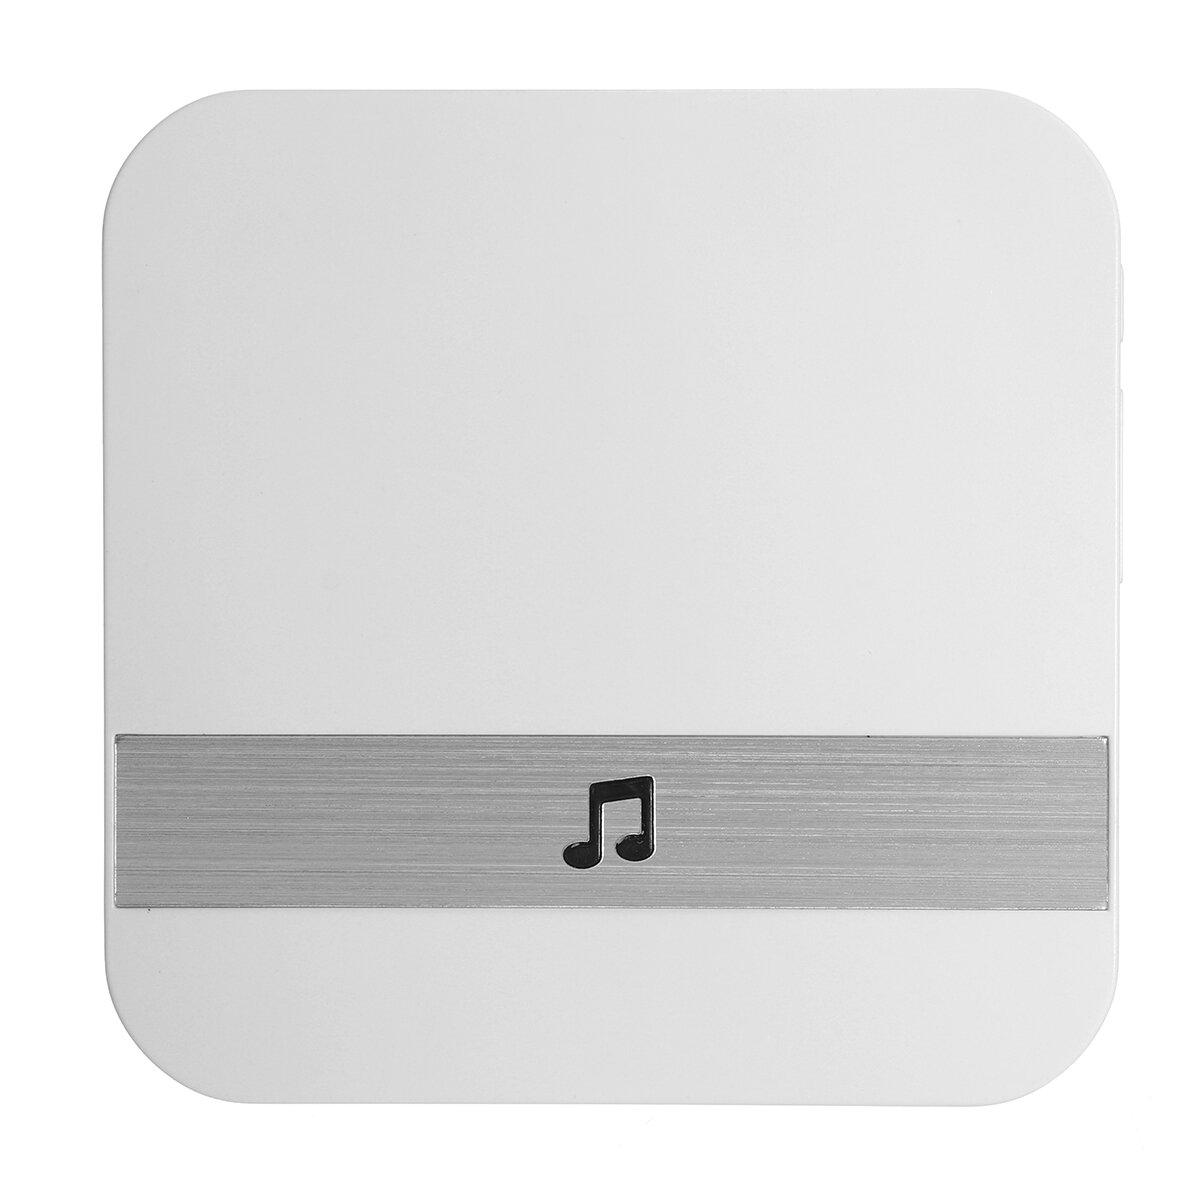 無線WIFIのビデオドアベルのチャイム機械52視覚防水ドアベルのための音楽